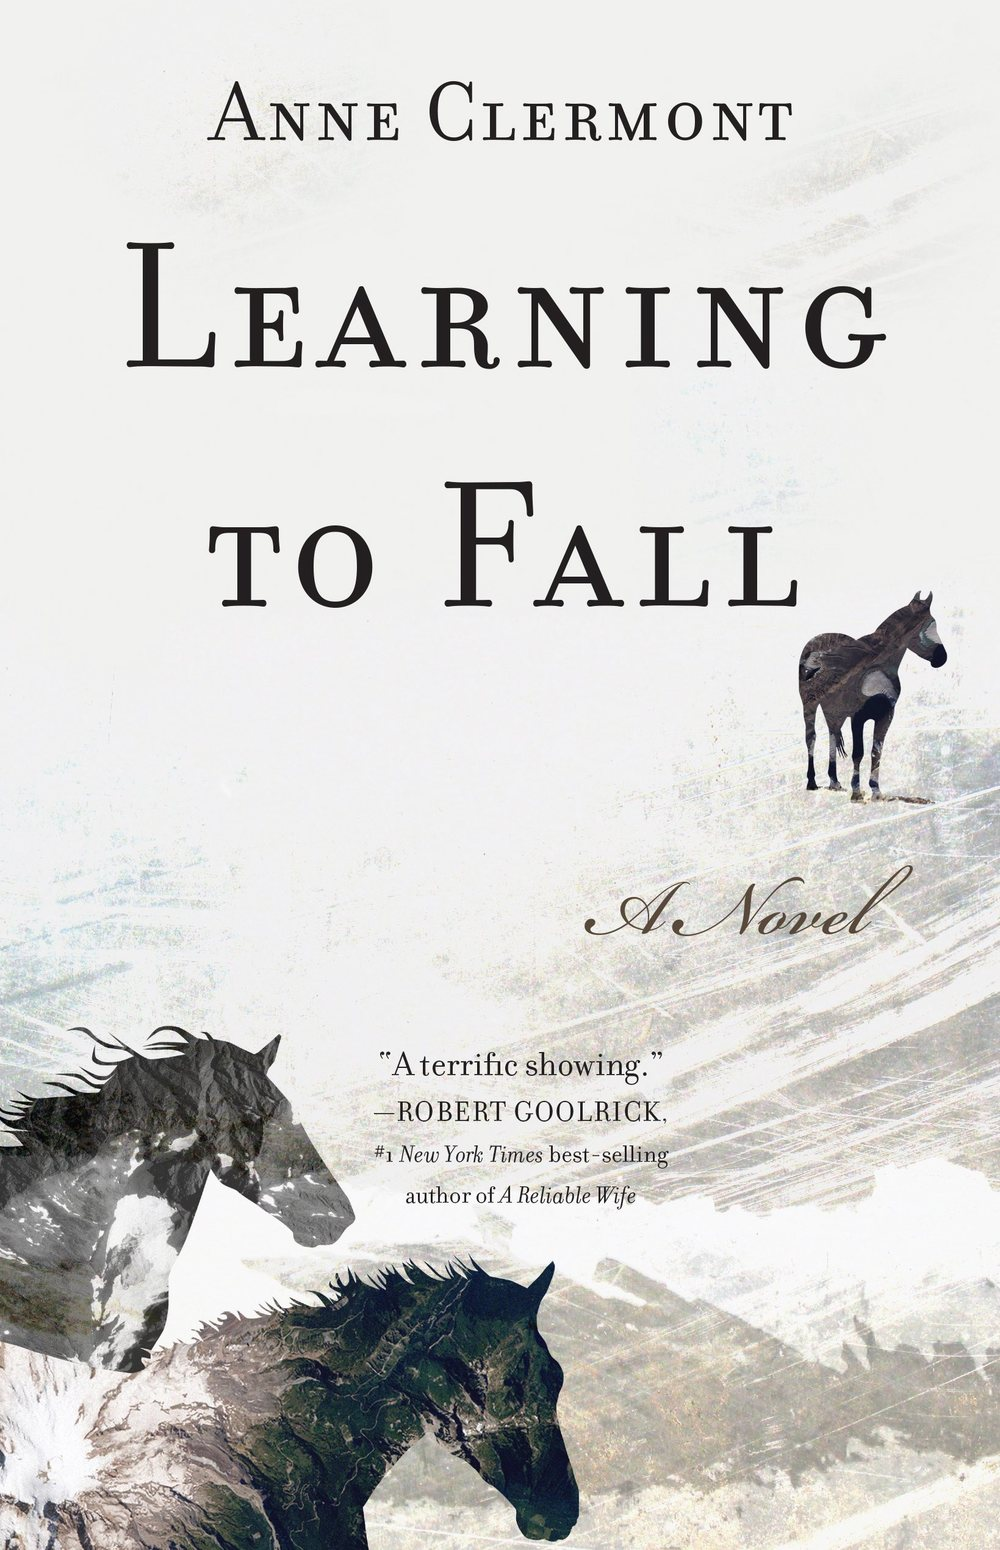 online novel